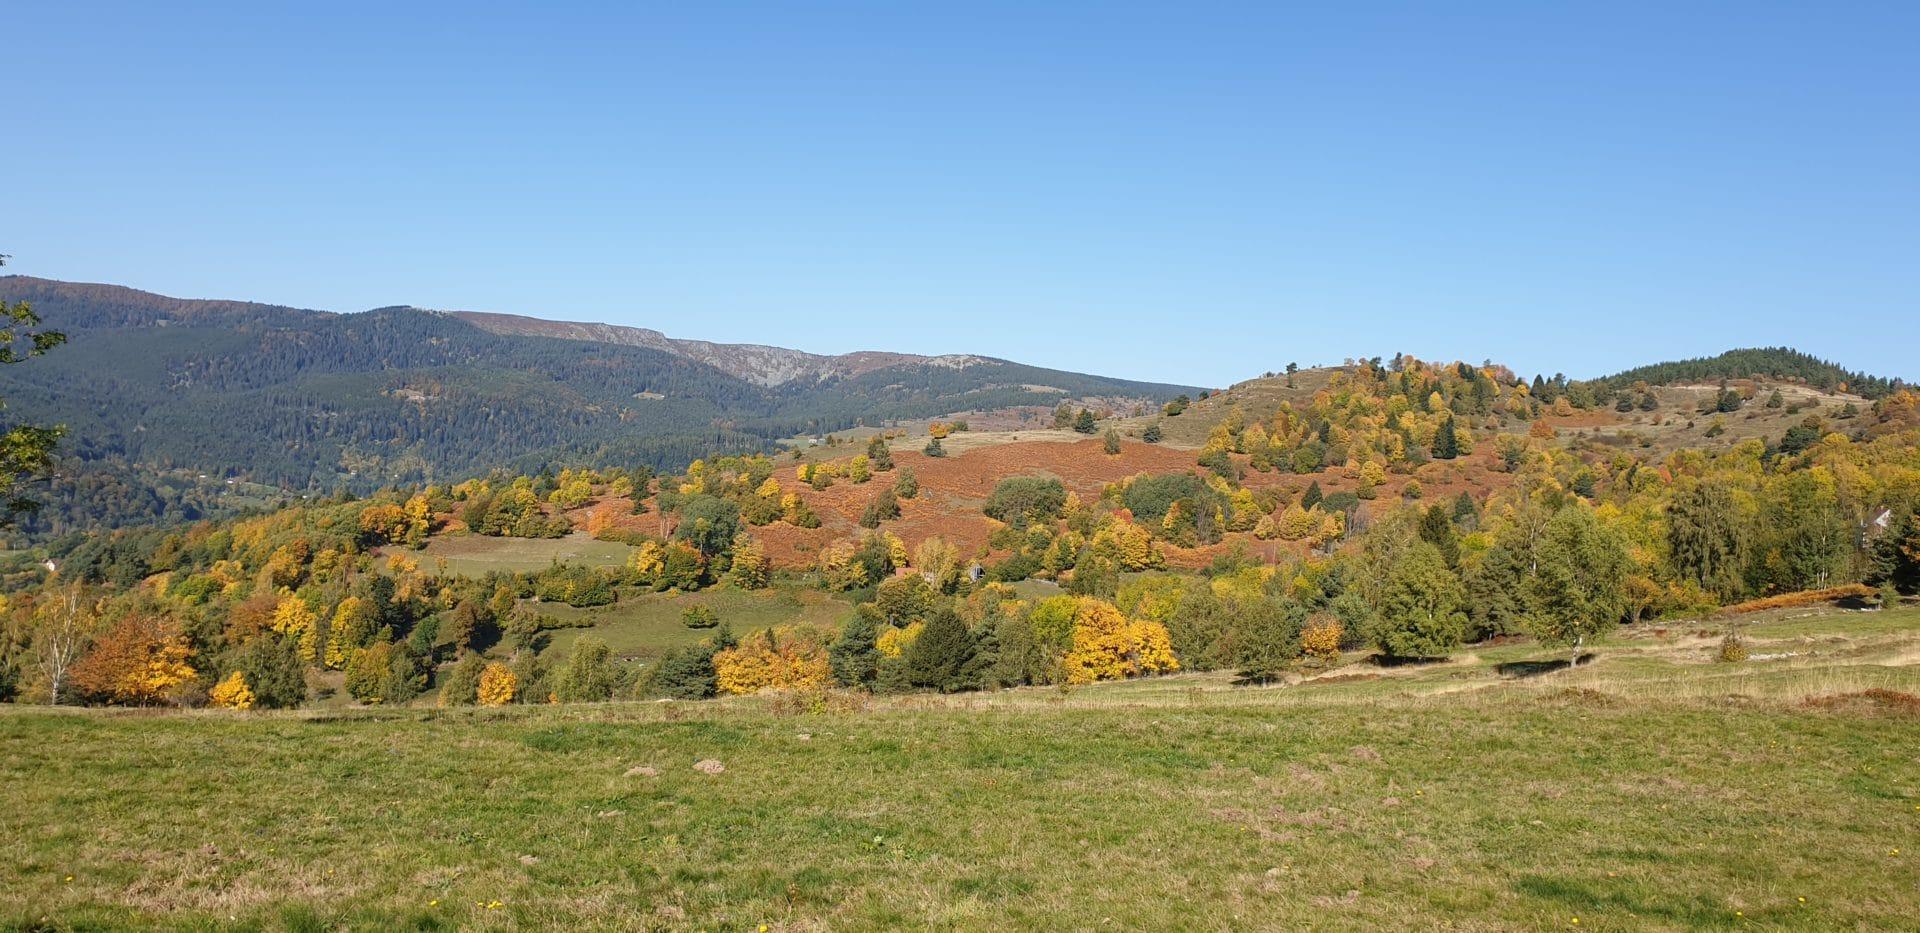 20191014 114721 1920x933 - Randonnée Col du Linge  Munster Vosges Alsace